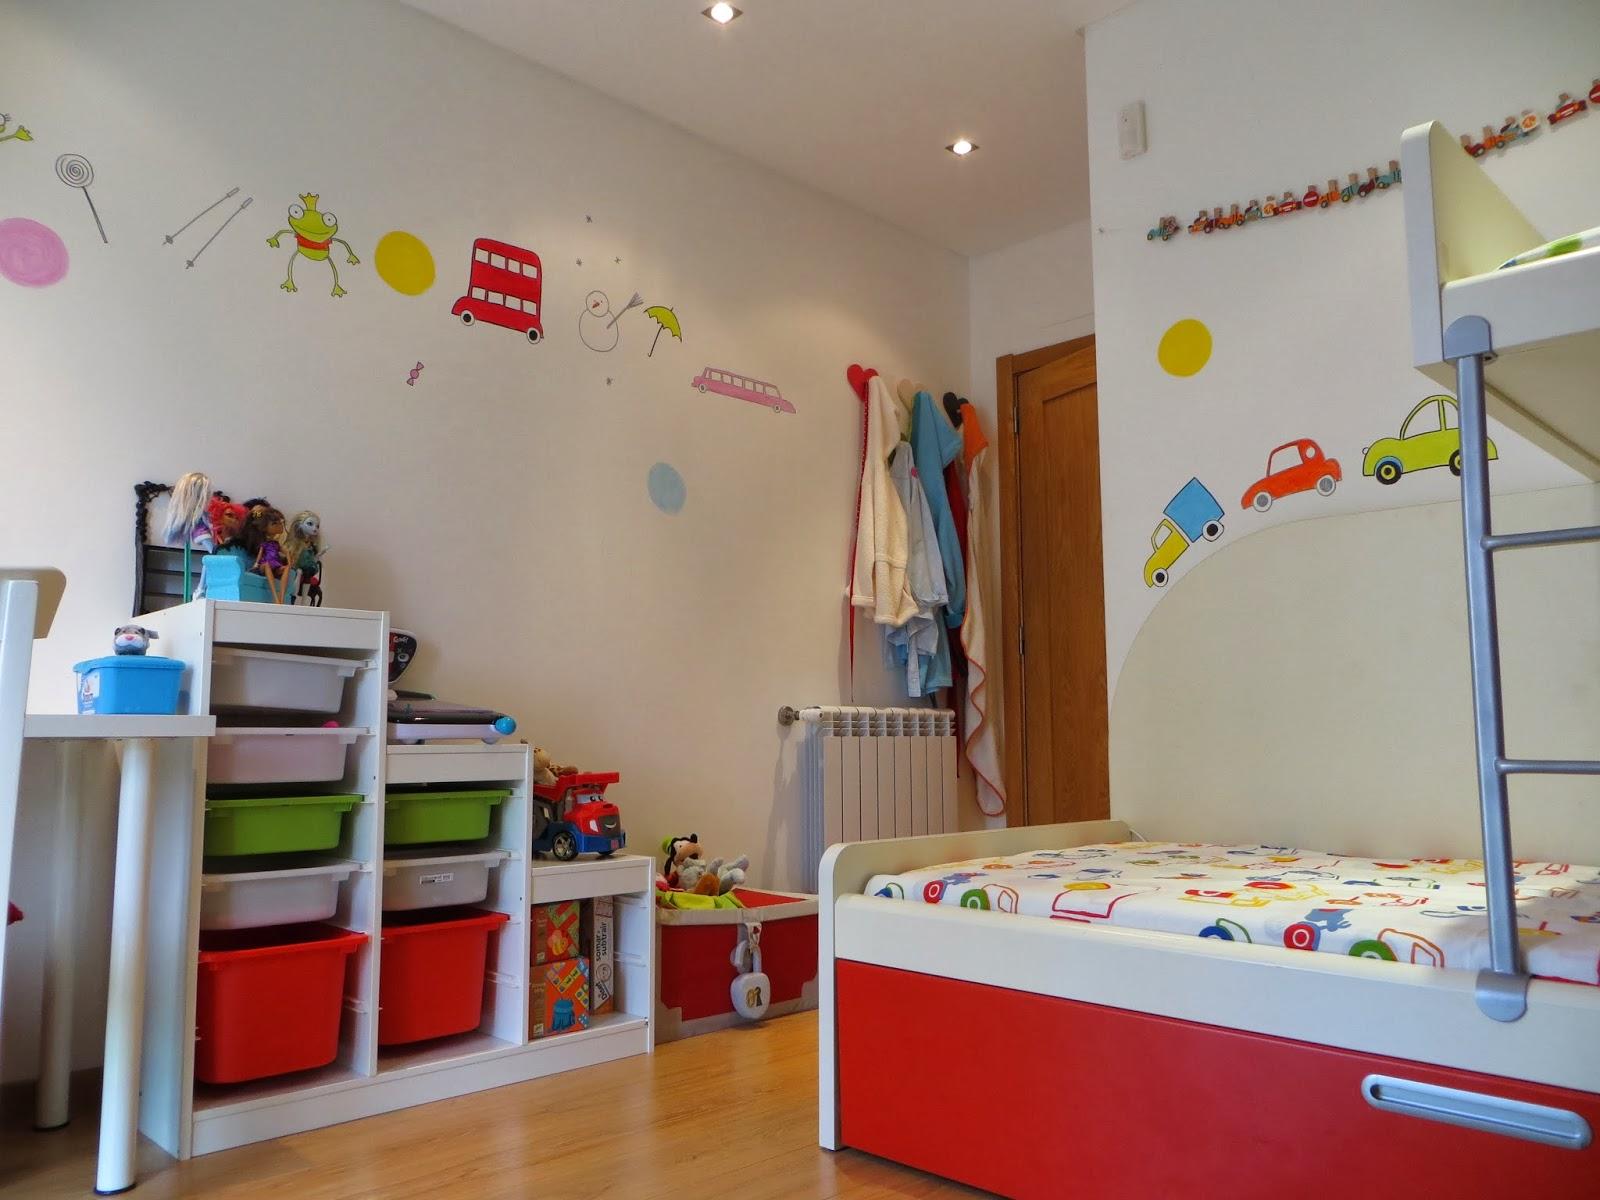 decoracao quarto menino casa desenho super herois carros  (2)